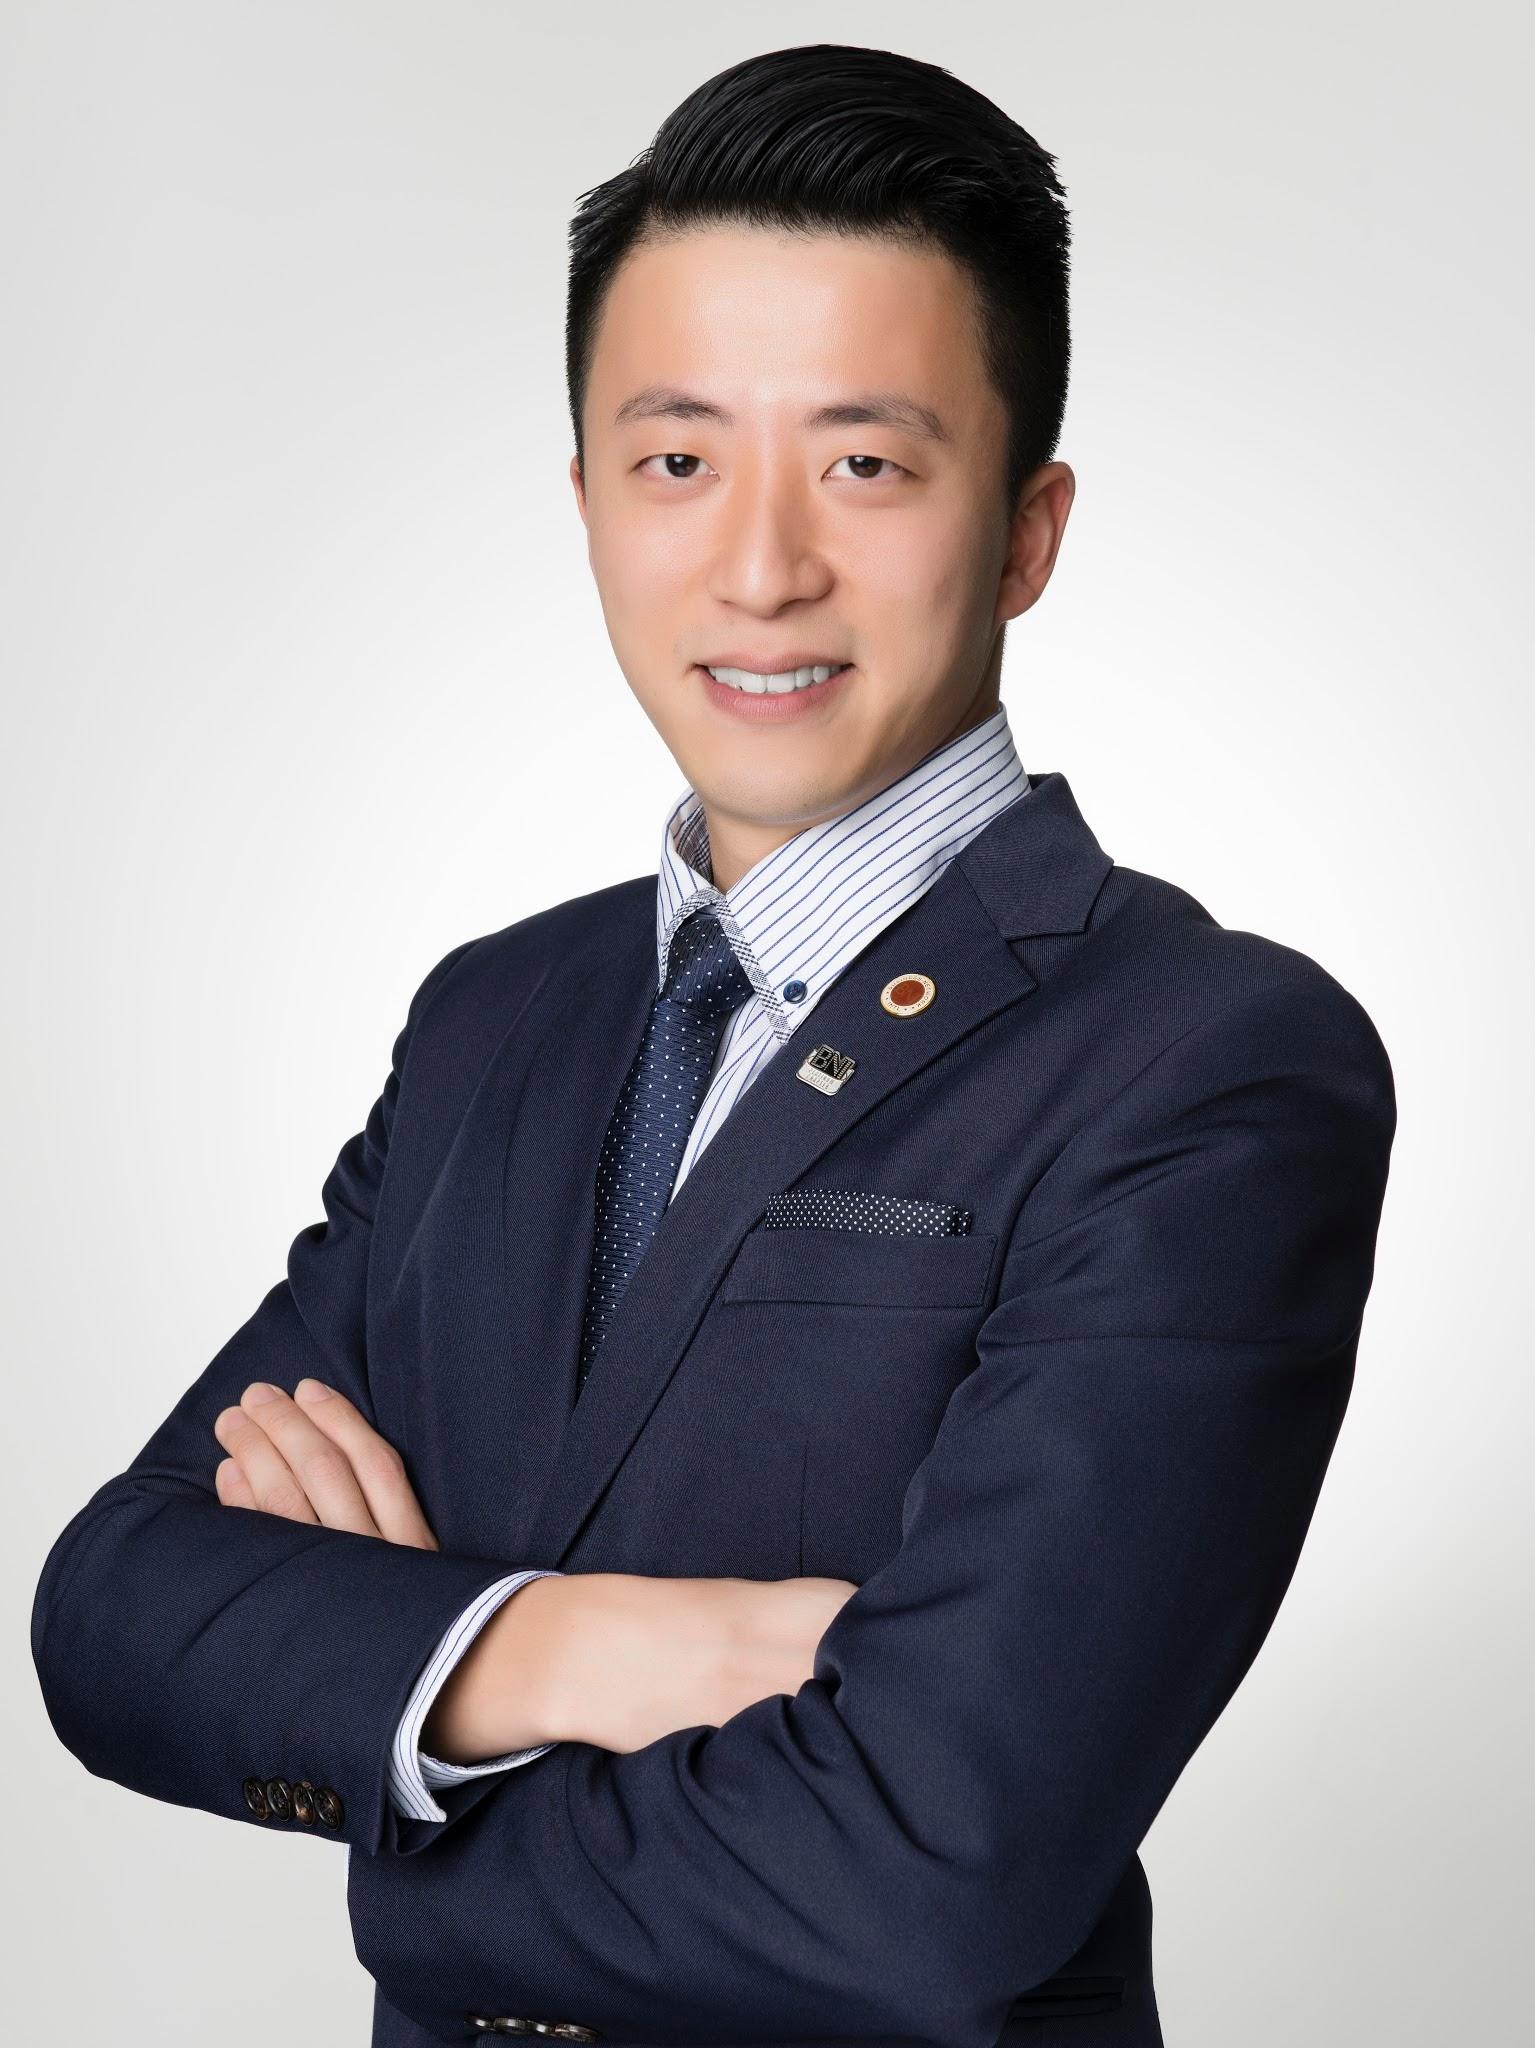 劉啟聰先生(Norman Lau)